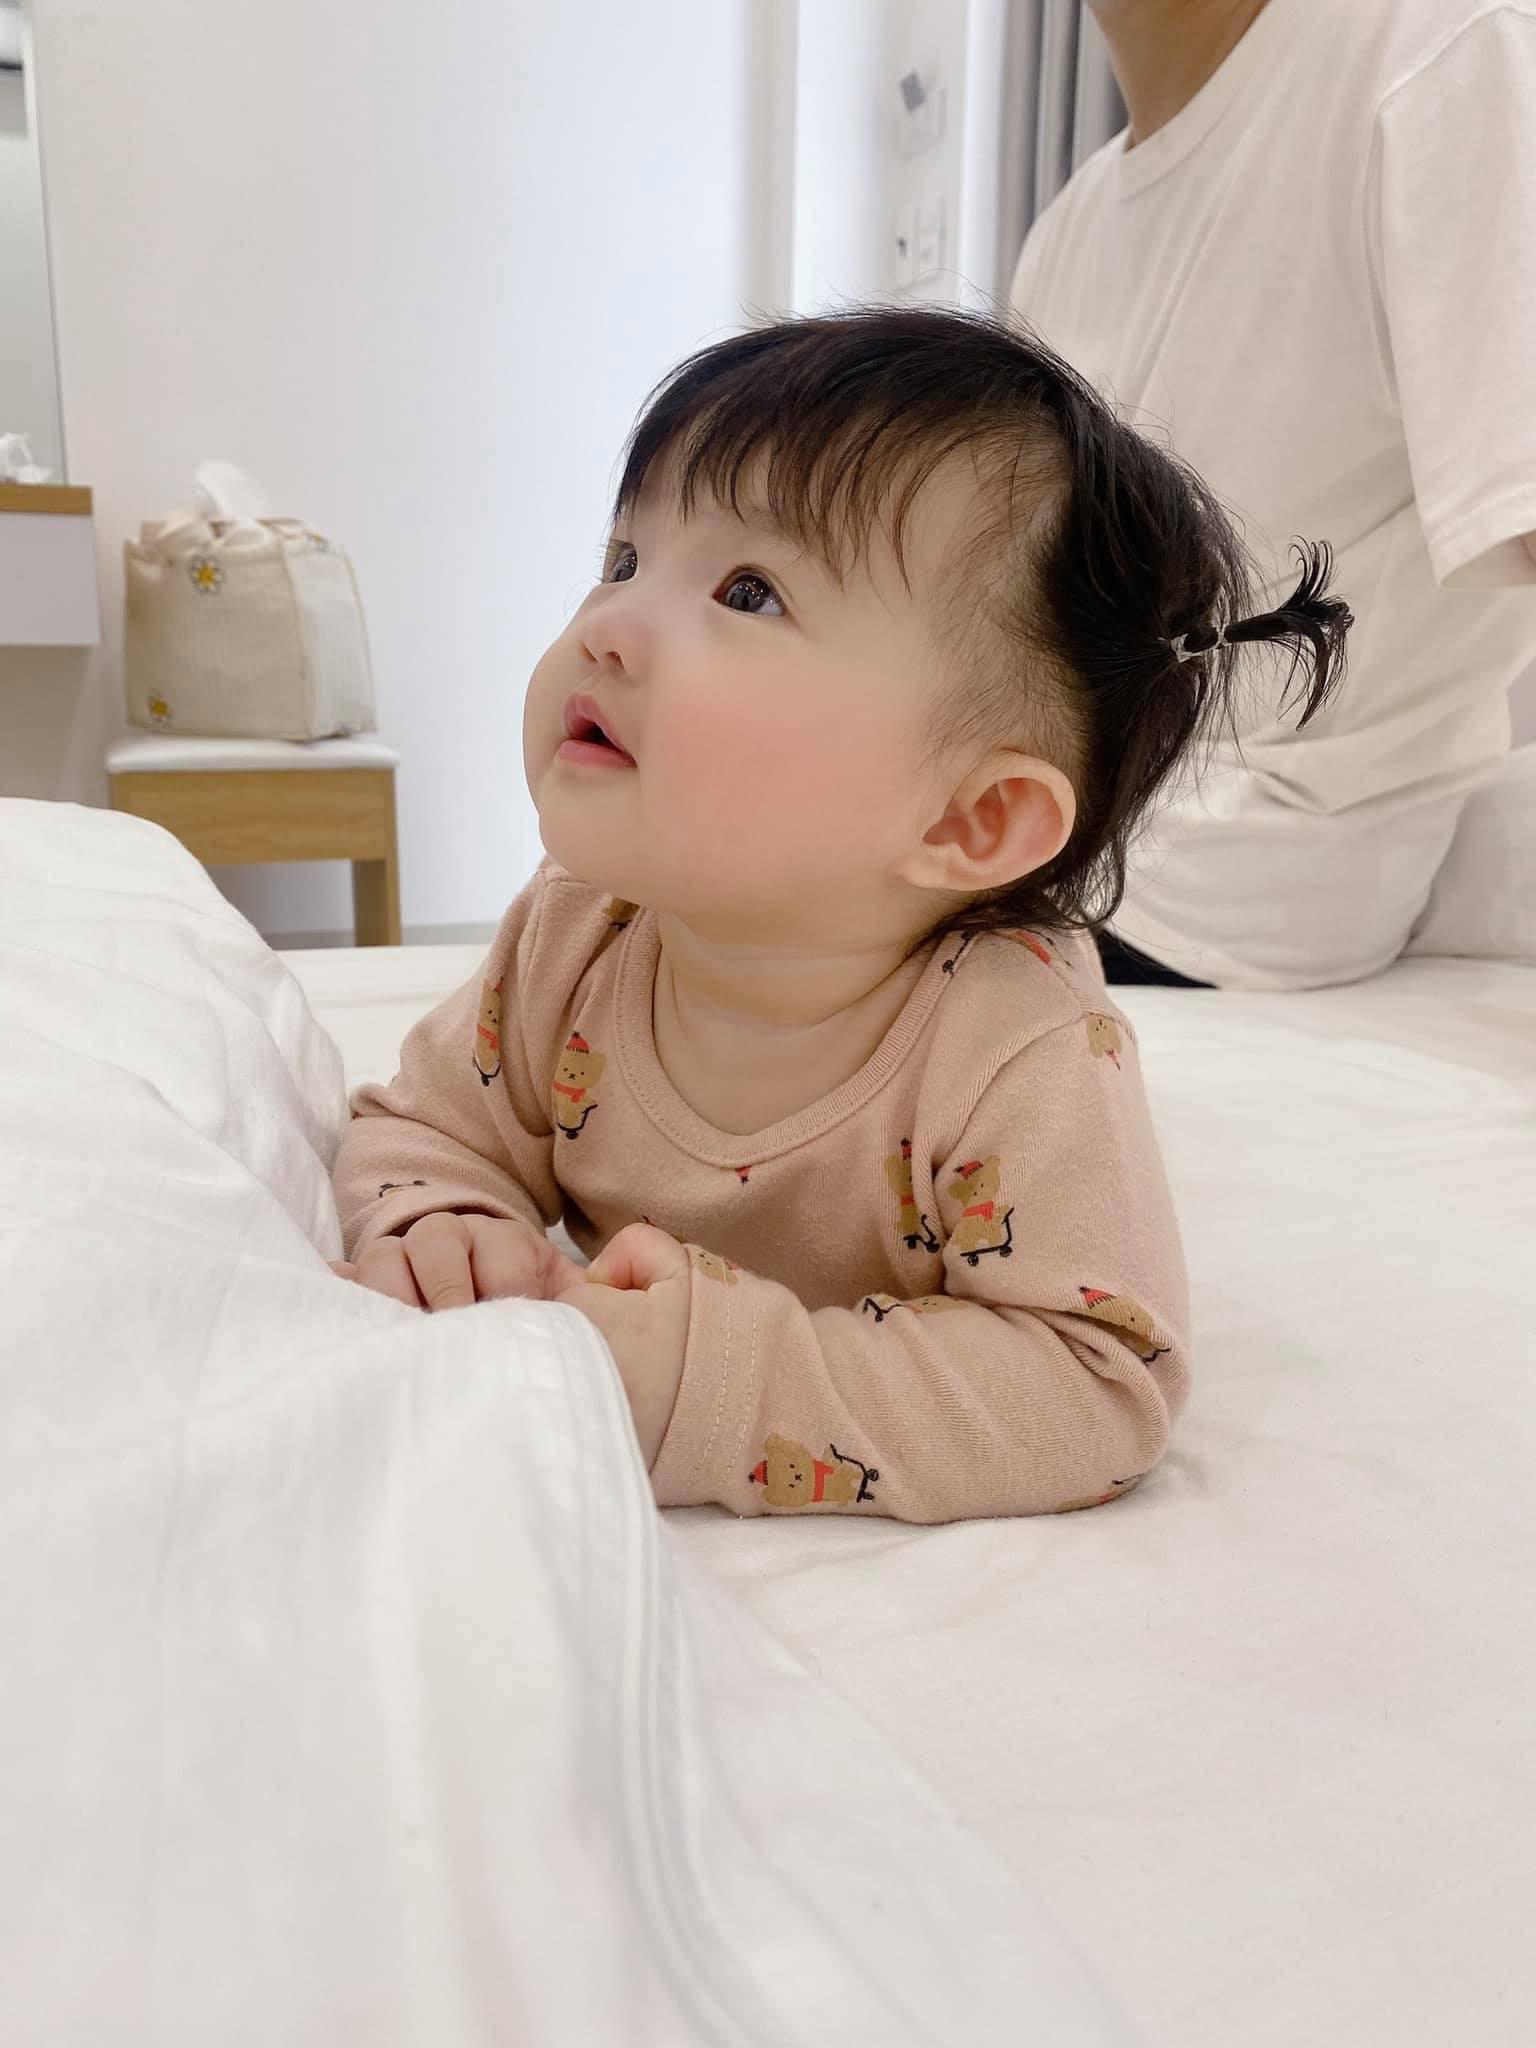 Không phải Đông Nhi, đây mới là người con gái khiến trái tim Ông Cao Thắng rung động